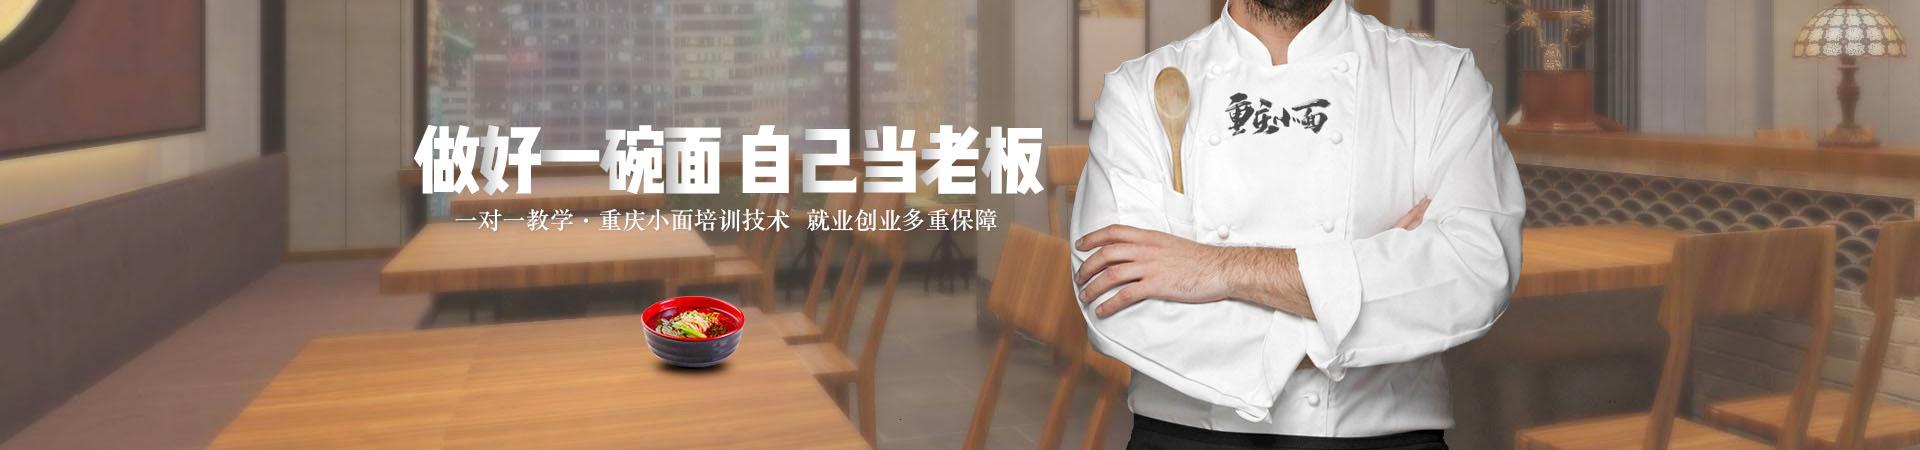 重庆小面培训中心